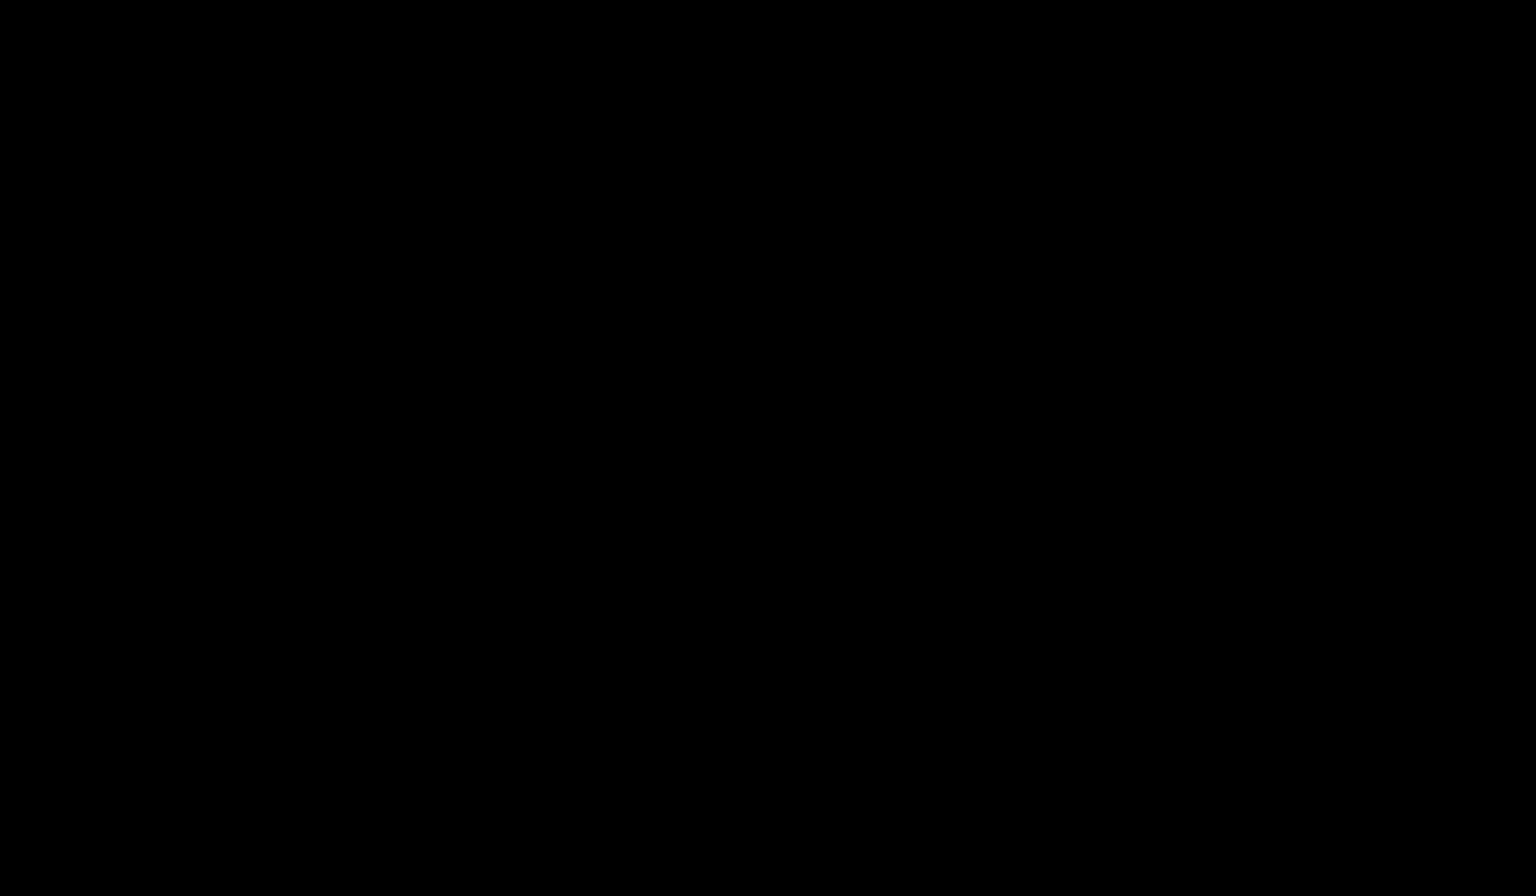 F9193A7C-64ED-45DB-A5E1-F9EF10F043E1.png